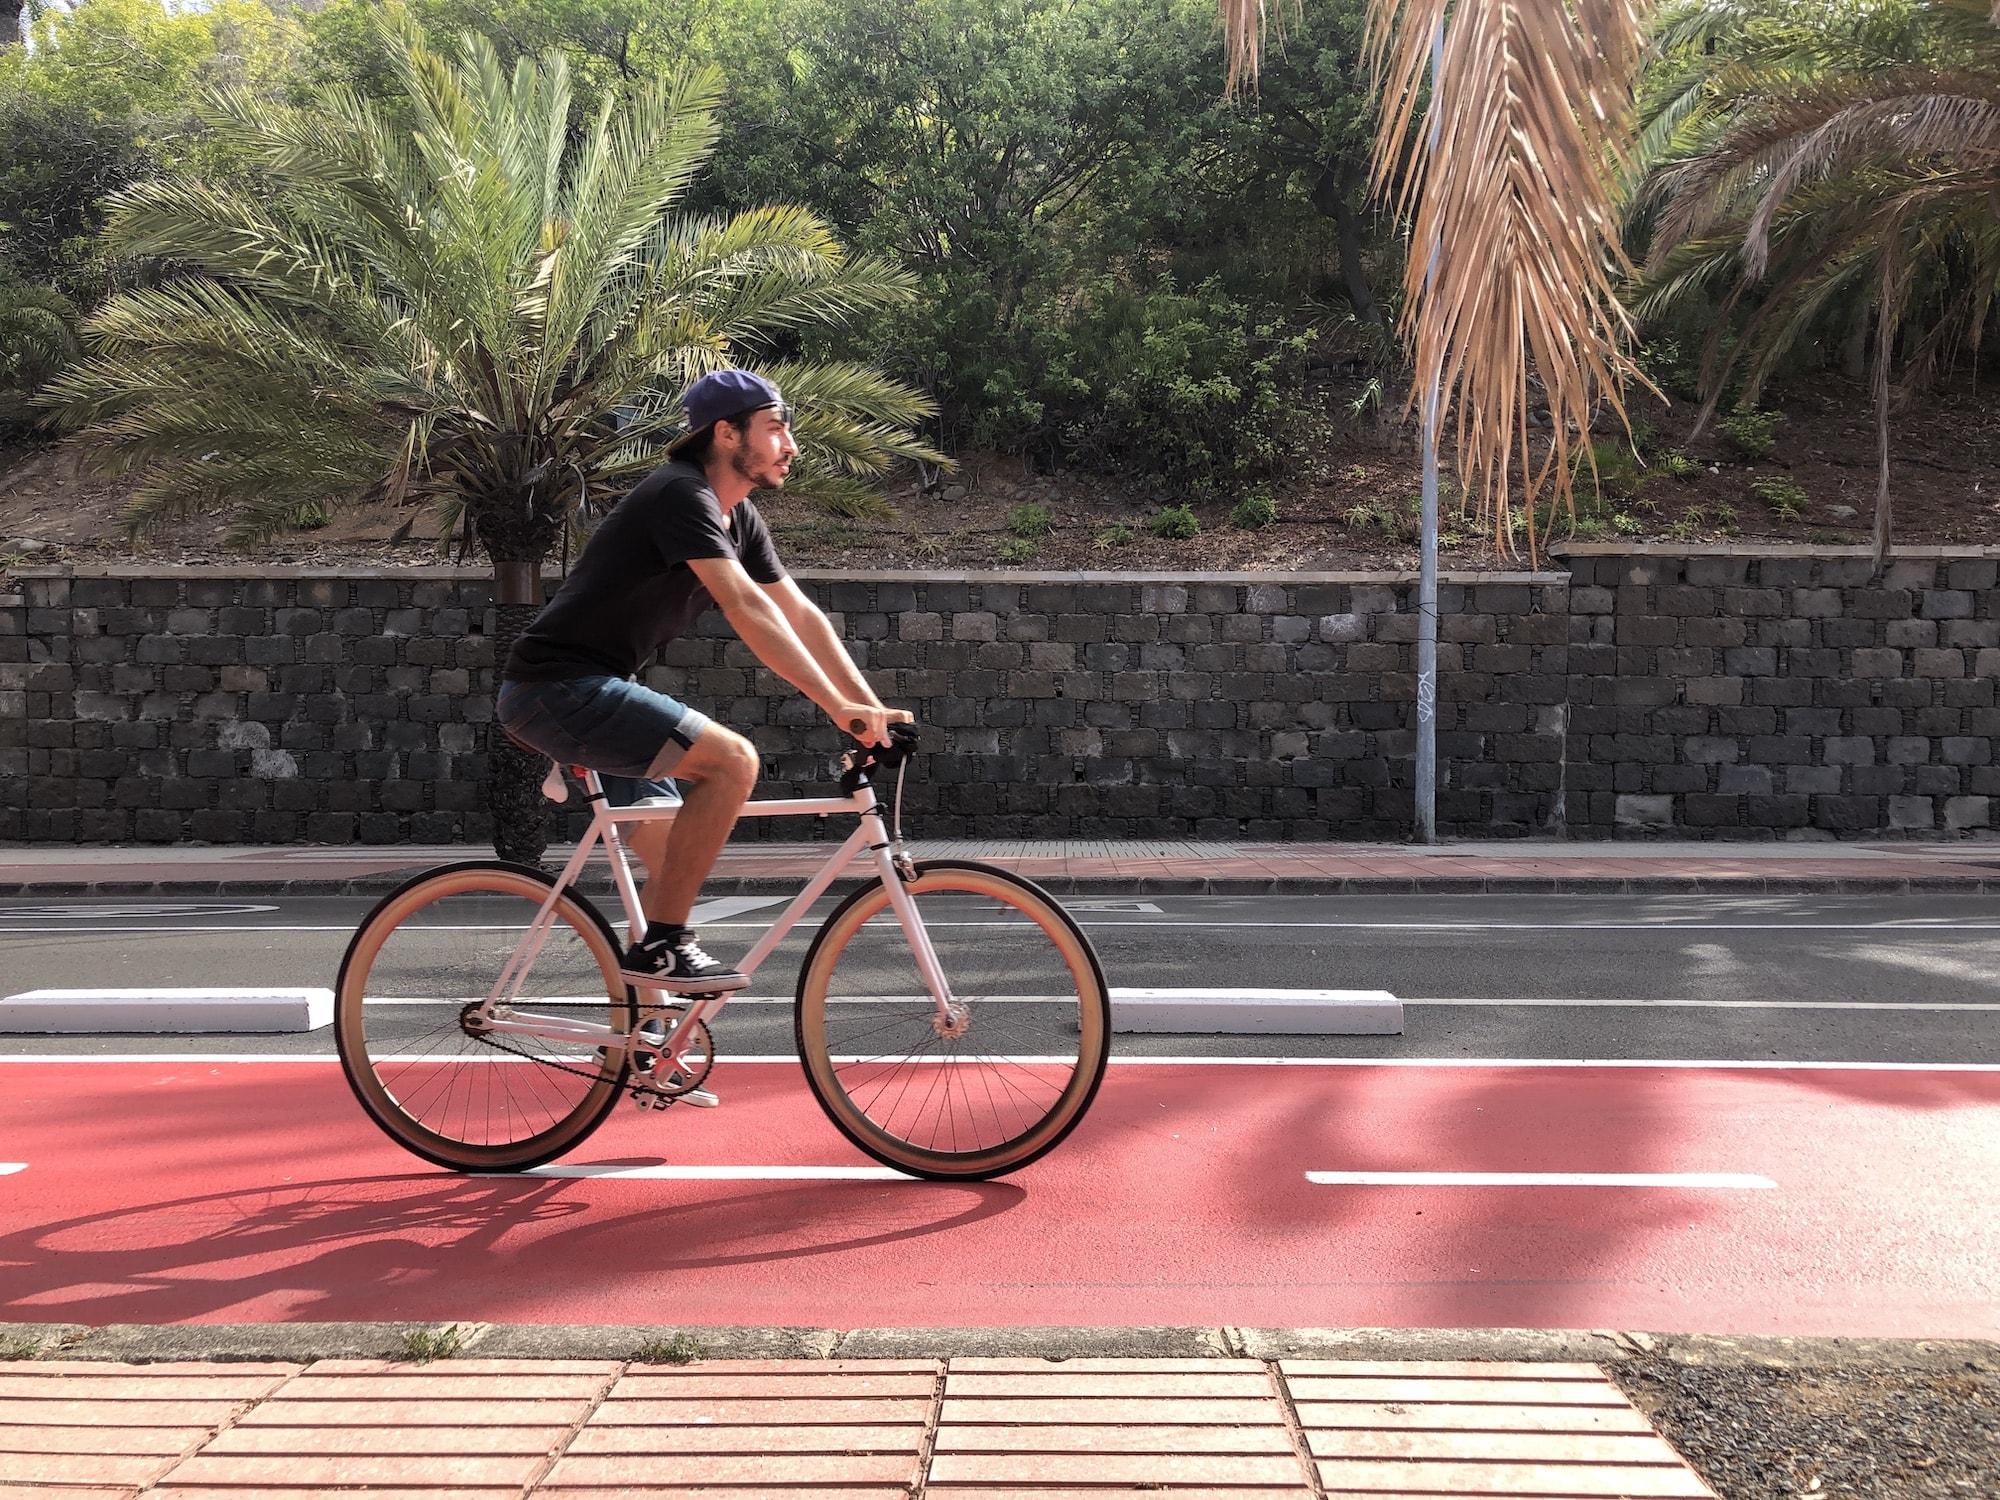 Andrea in bici - Composizione Fotografica